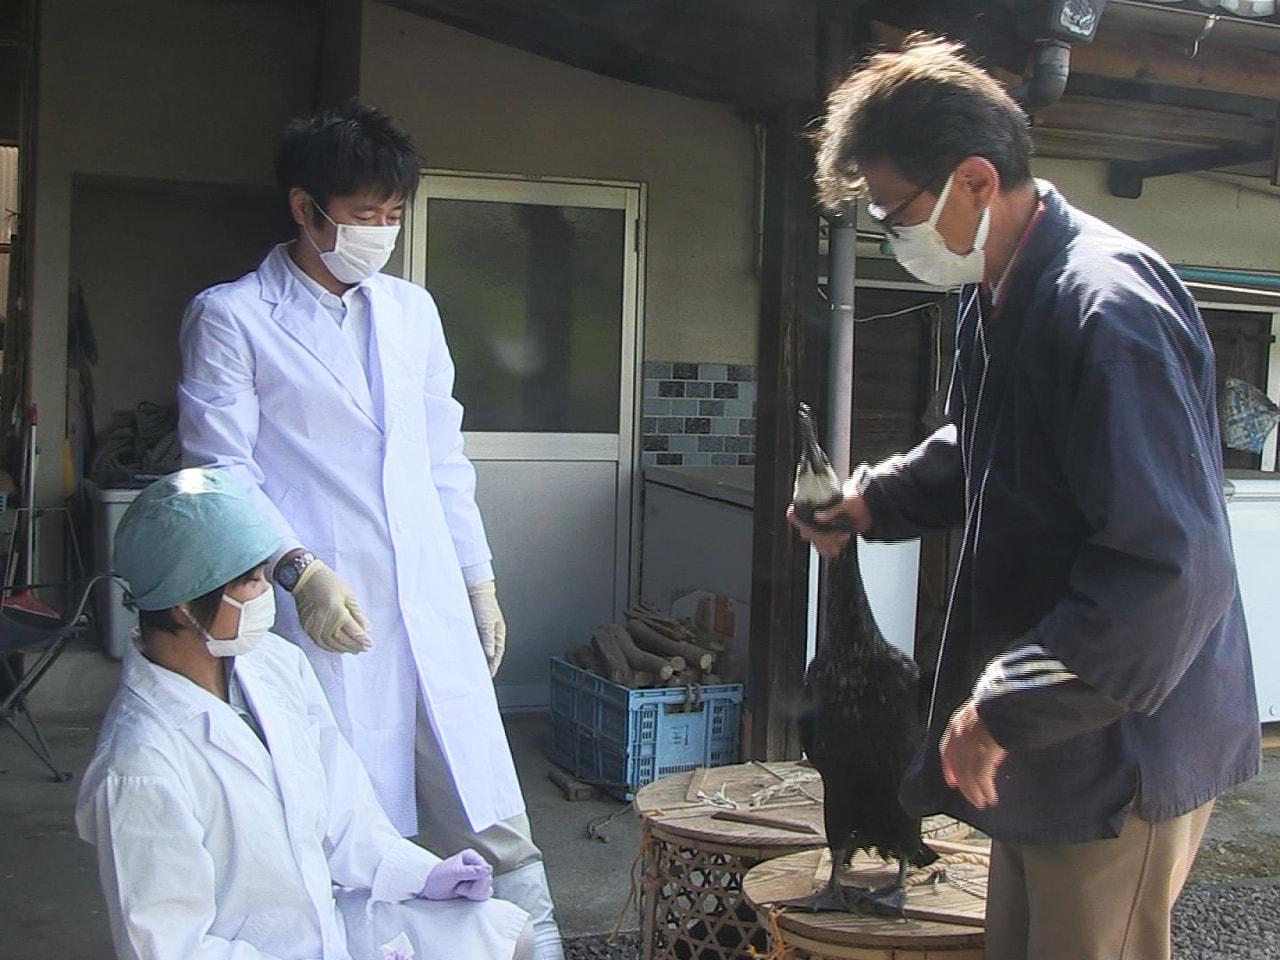 岐阜県関市の小瀬鵜飼で、5月の開幕を前に22日、鵜の検診が行われました。 鵜の検...